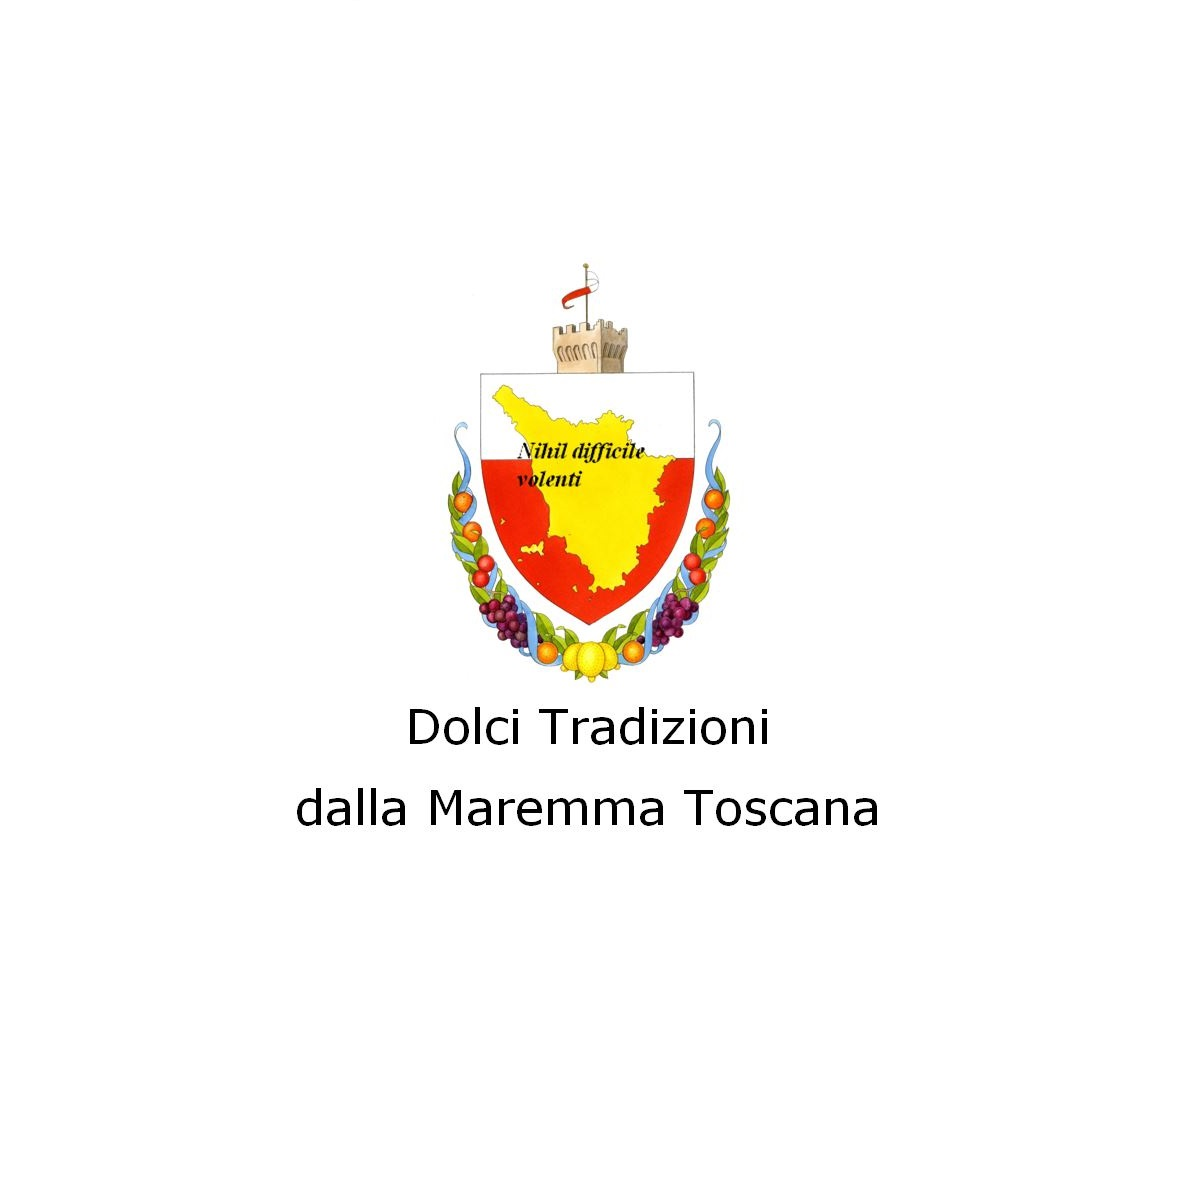 Dolci Tradizioni di Marcello Priami